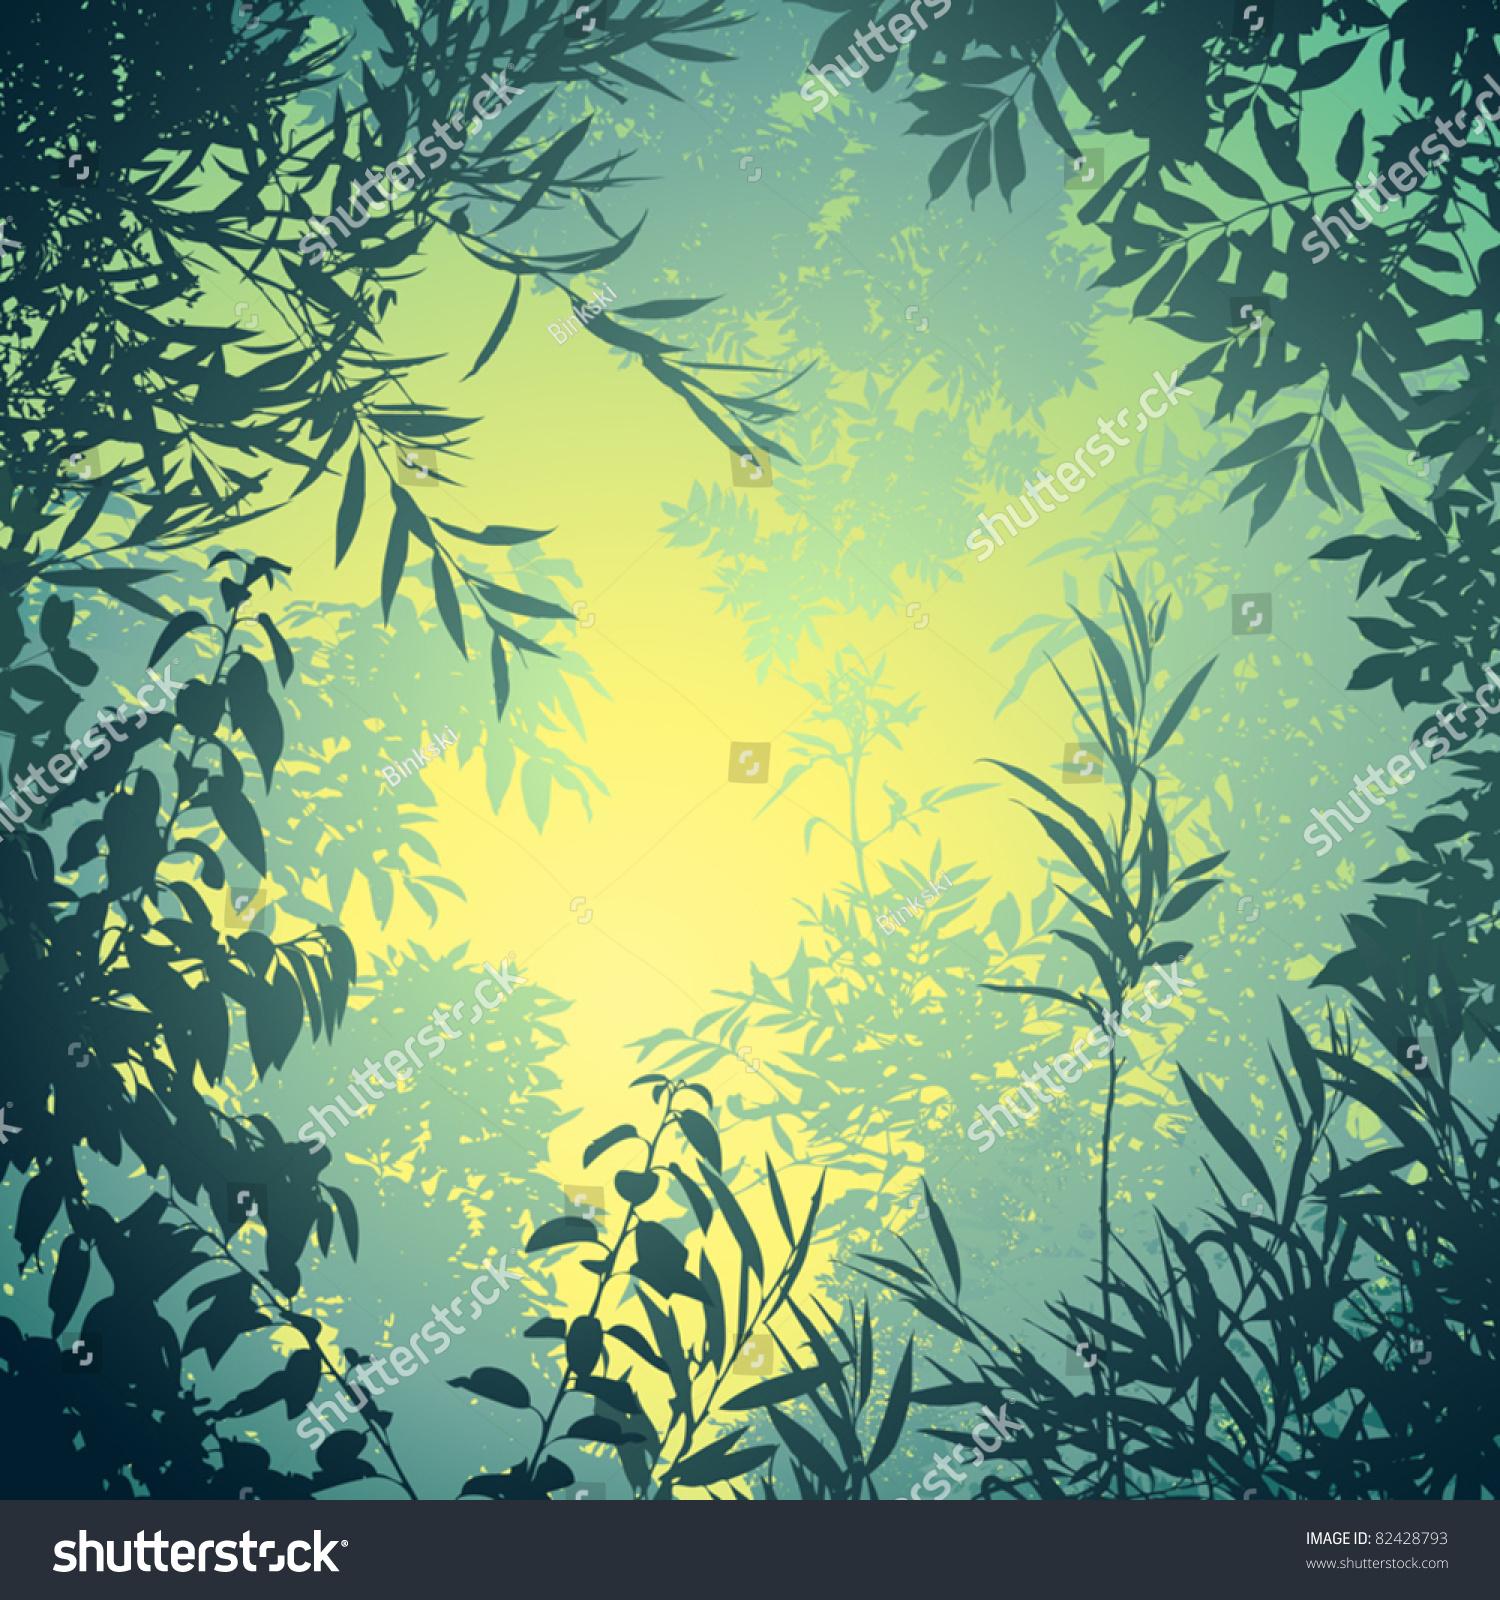 有树木和树叶的花卉背景-背景/素材